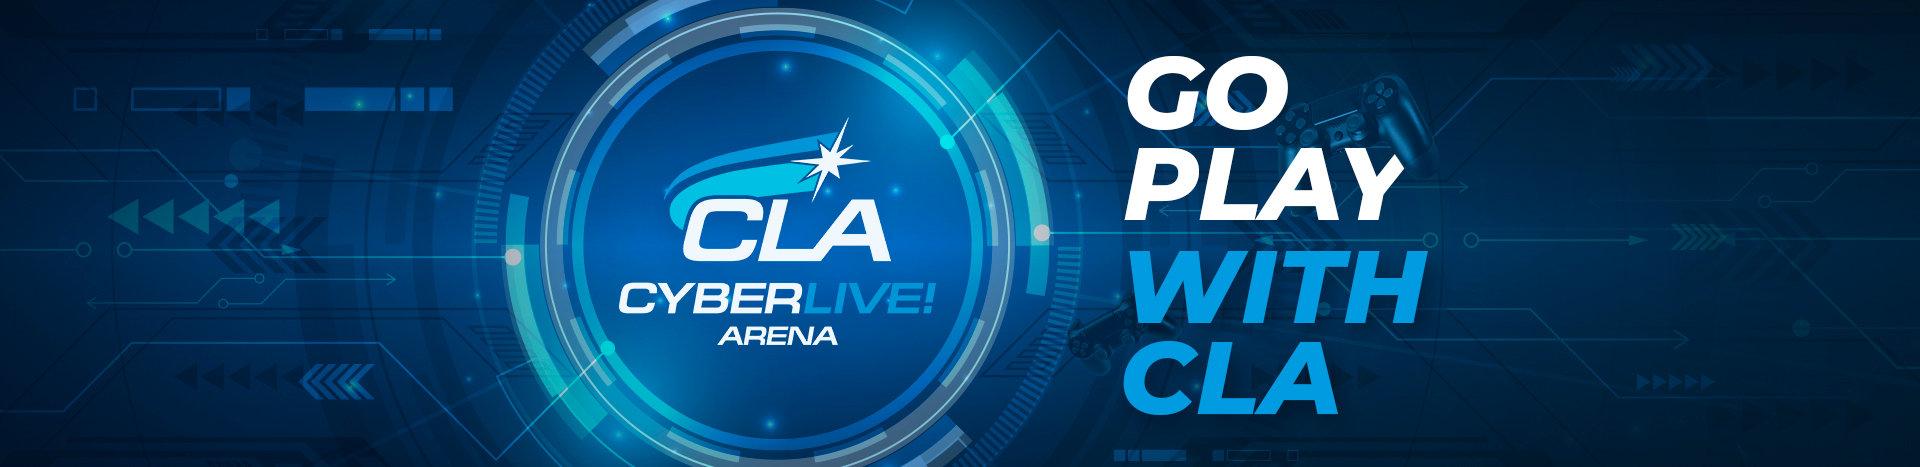 League_CLA_1.jpg